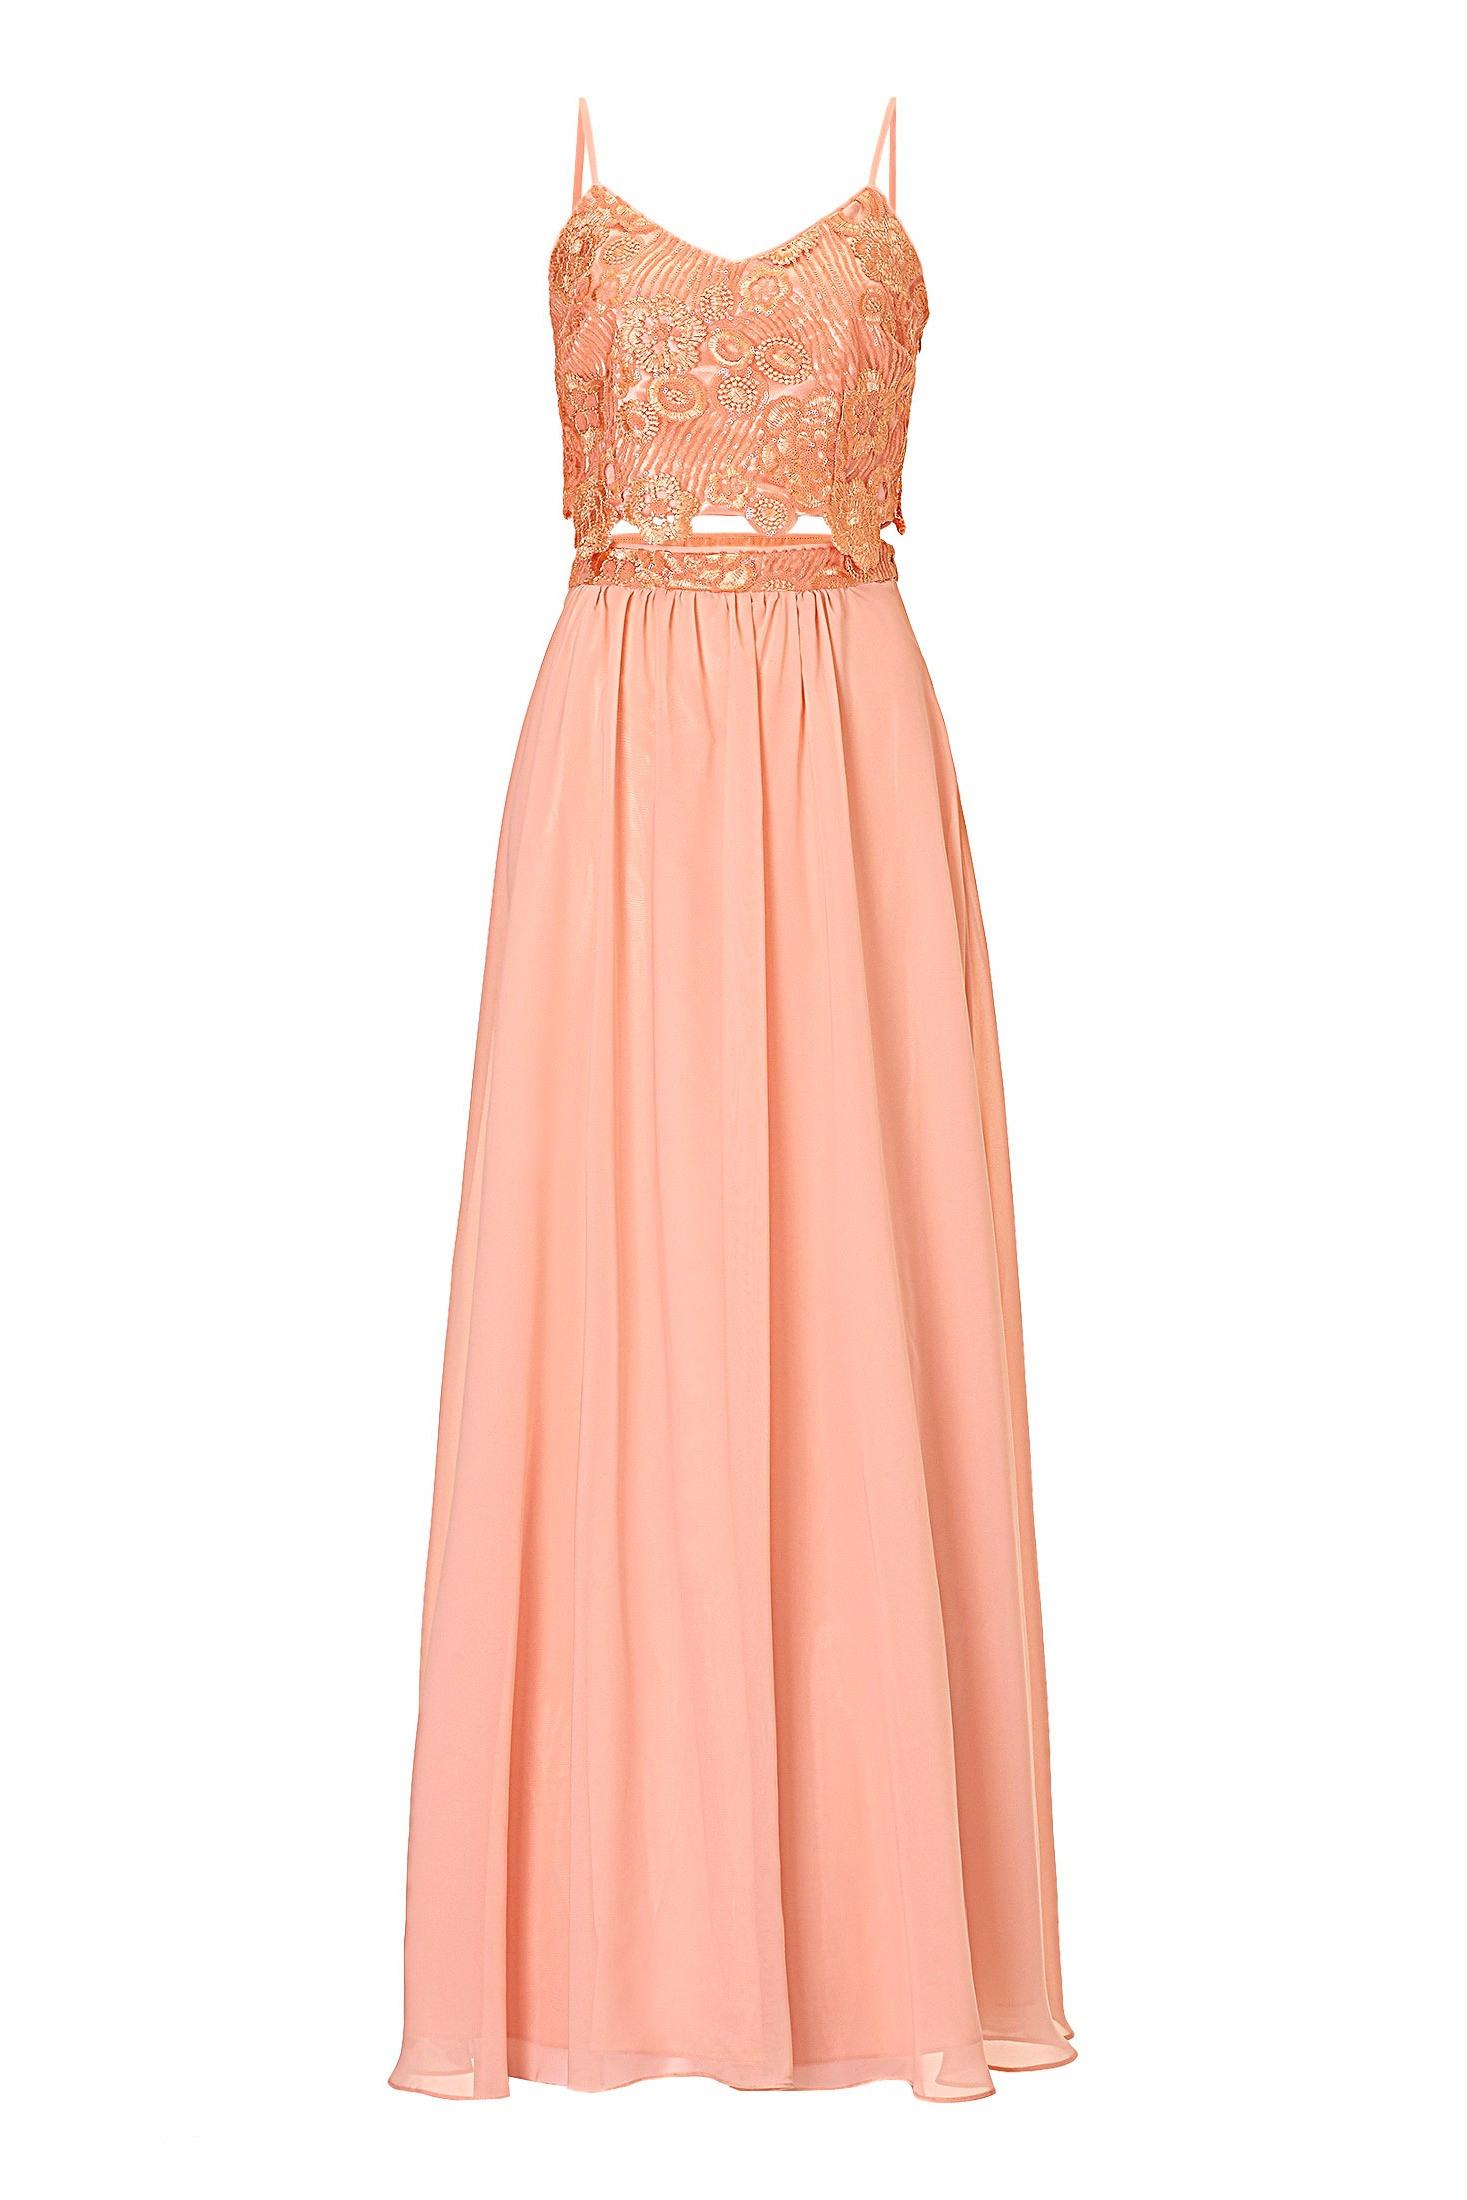 Fantastisch Abend Kleid Zweiteiler Bester Preis10 Spektakulär Abend Kleid Zweiteiler Spezialgebiet